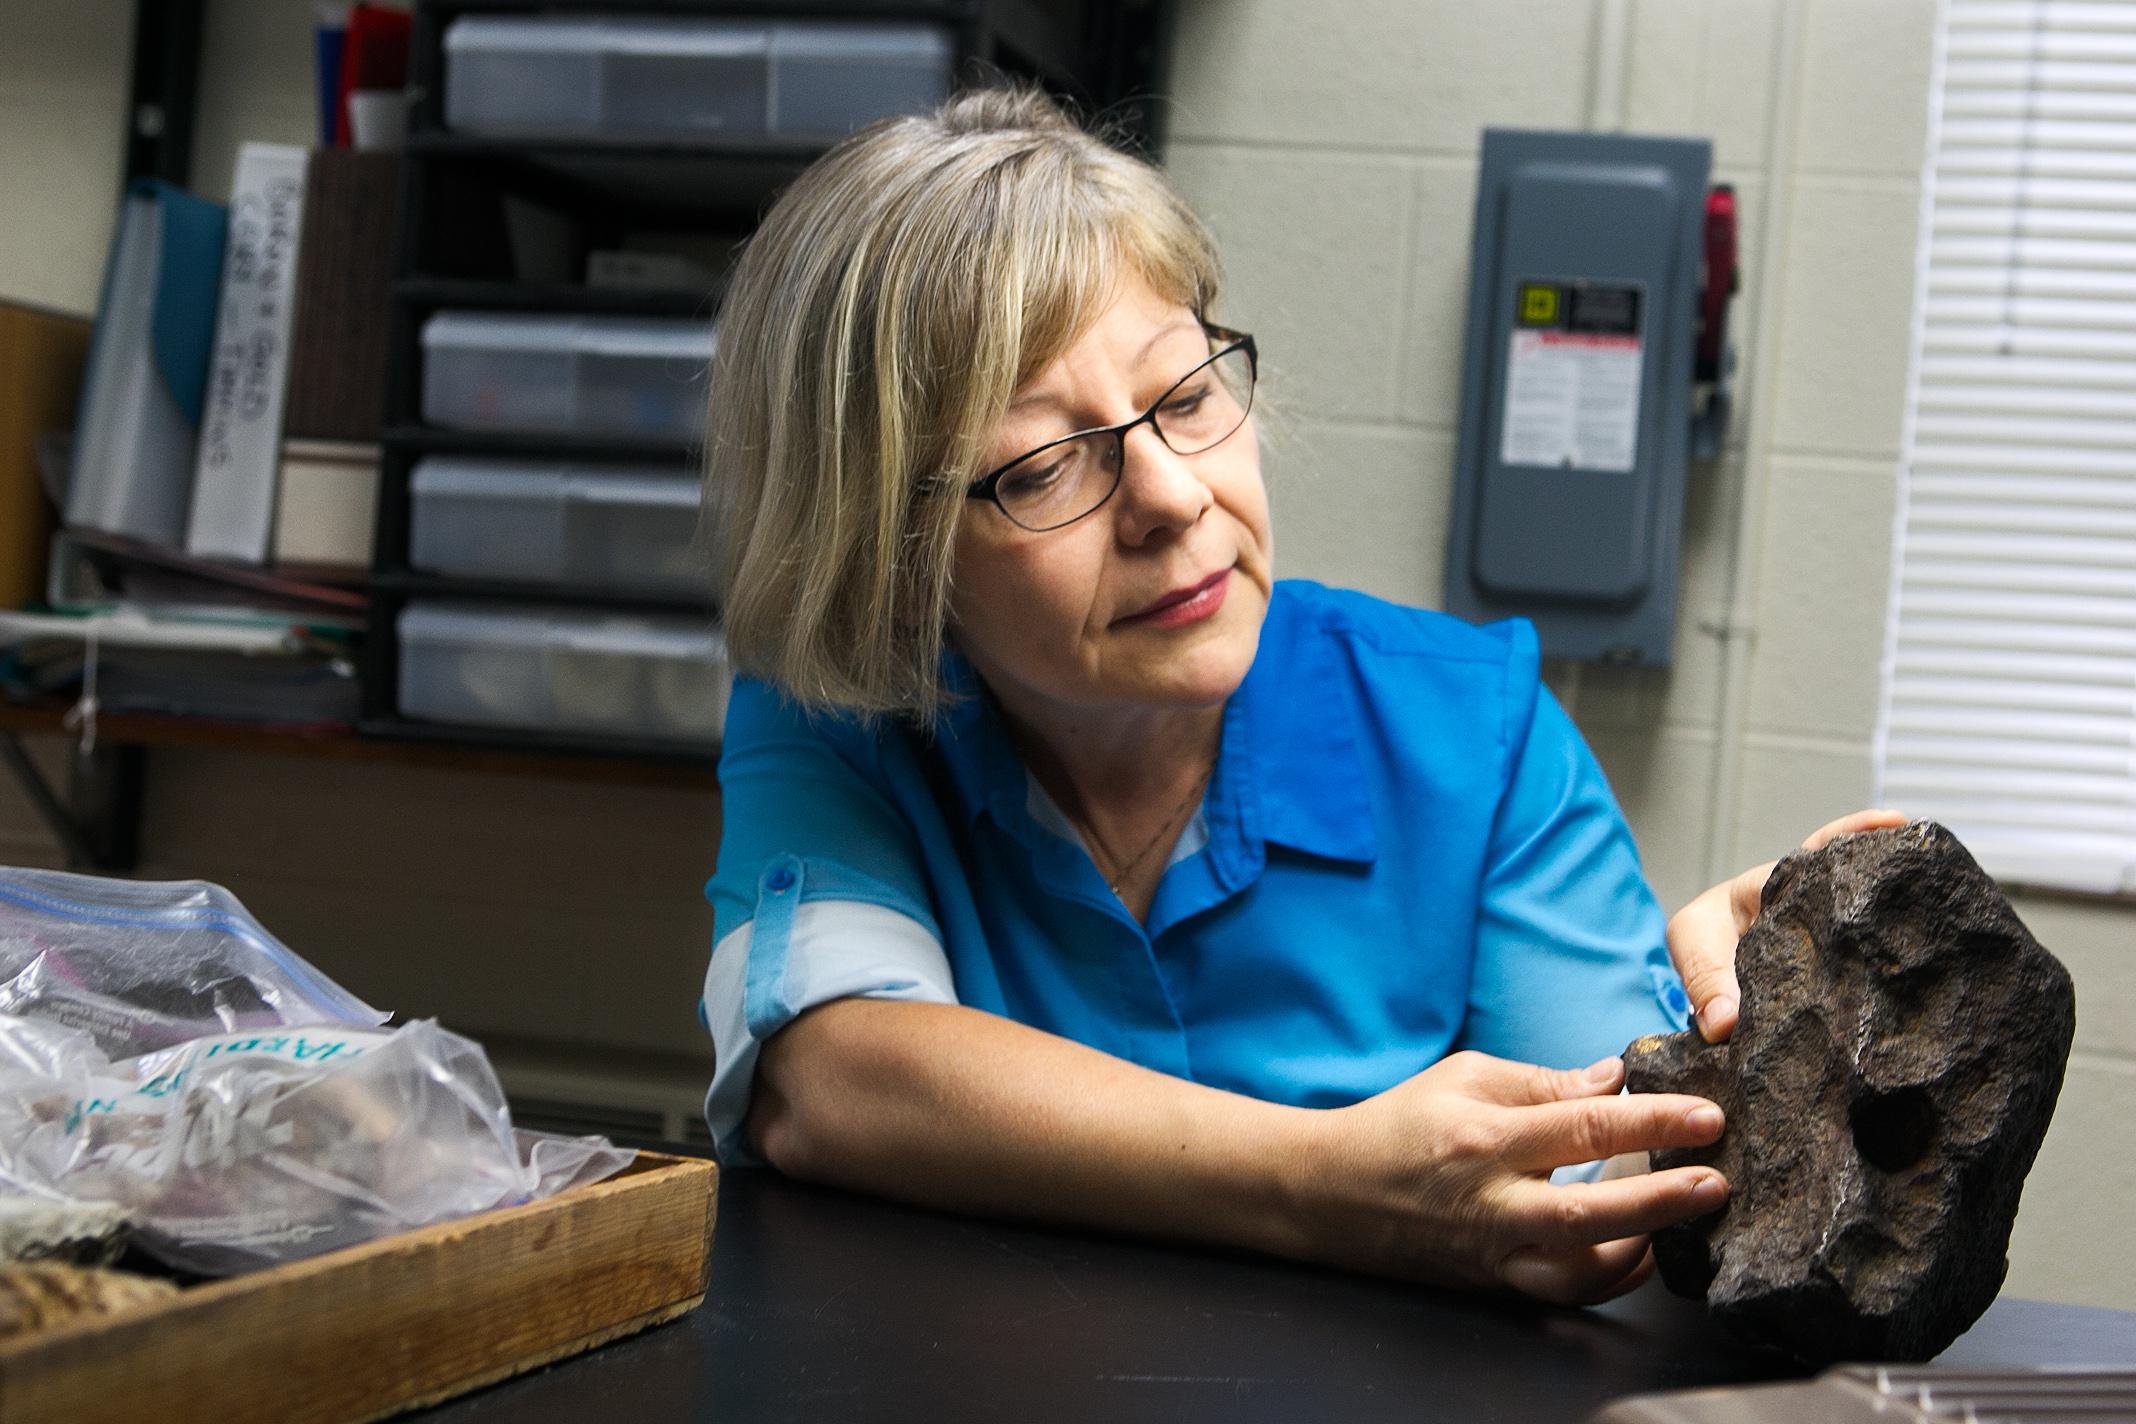 Central Michigan University Professor Mona Sirbescu shows off a meteorite